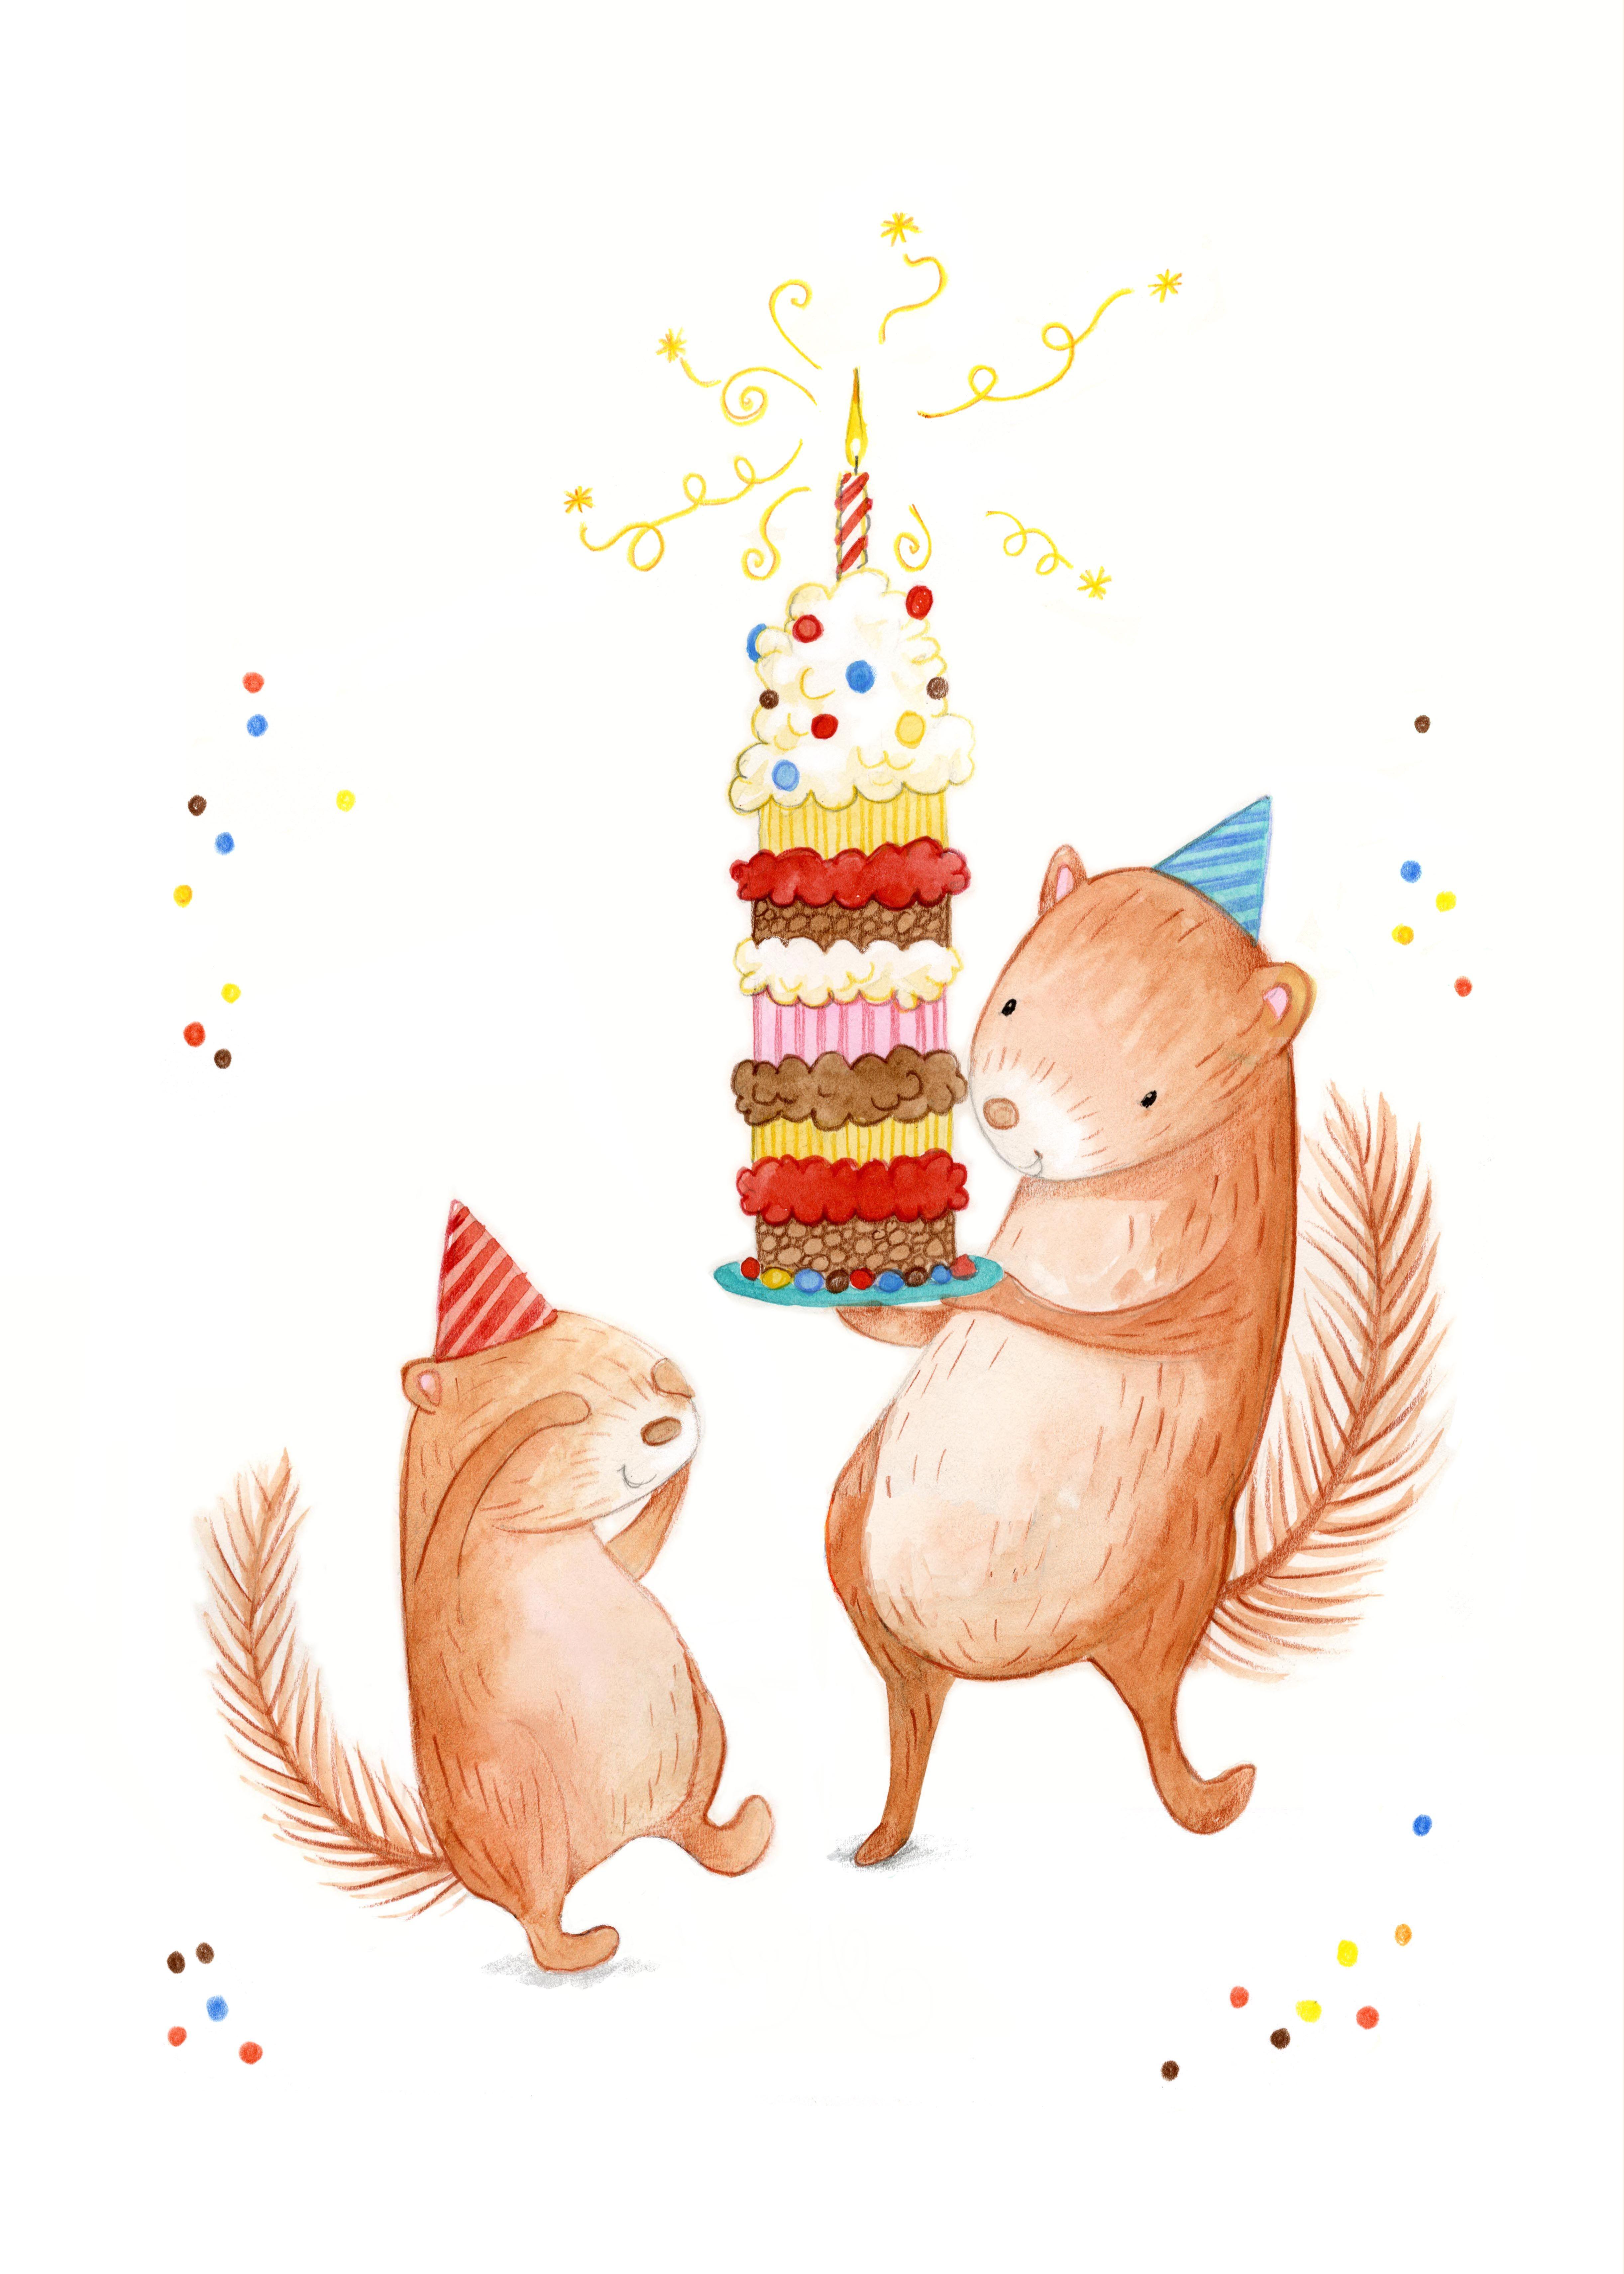 мир, открытки с днем рождения с белками этой